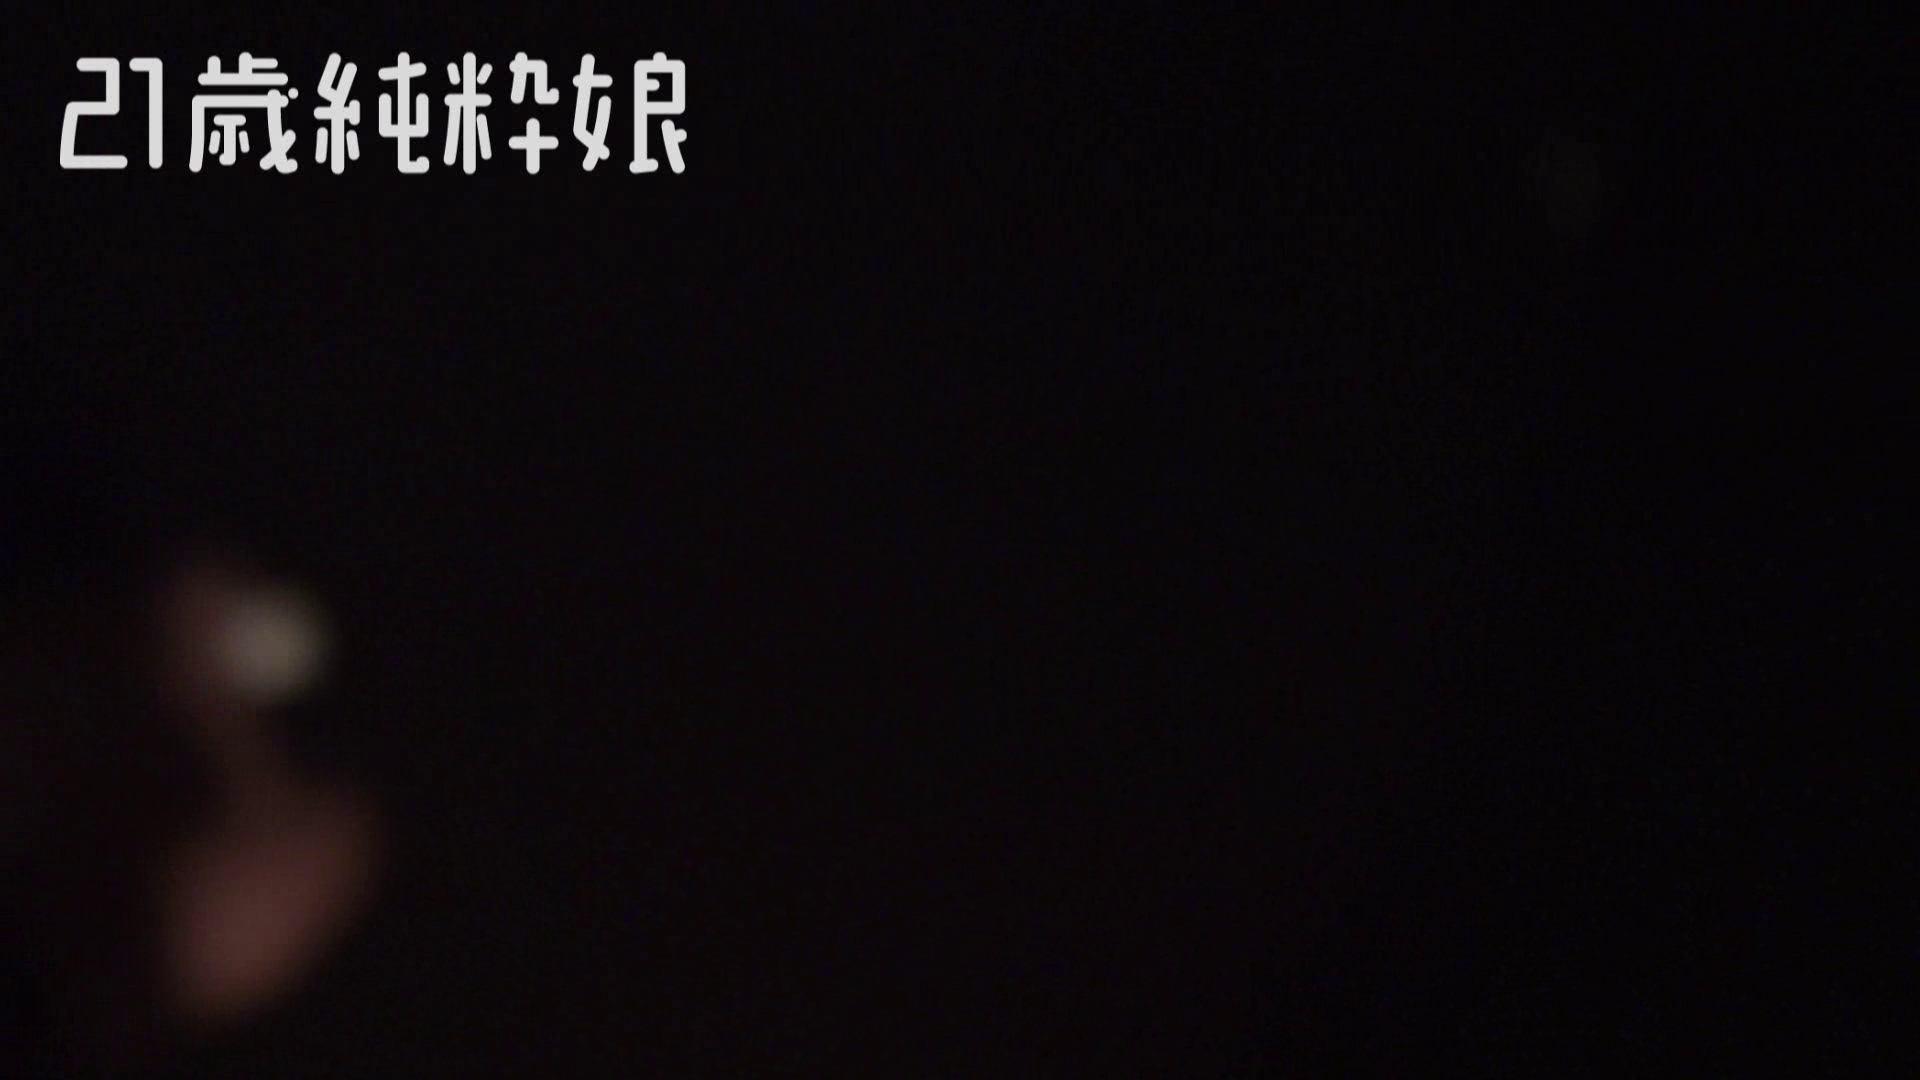 上京したばかりのGカップ21歳純粋嬢を都合の良い女にしてみた 学校 | 投稿映像  86pic 1